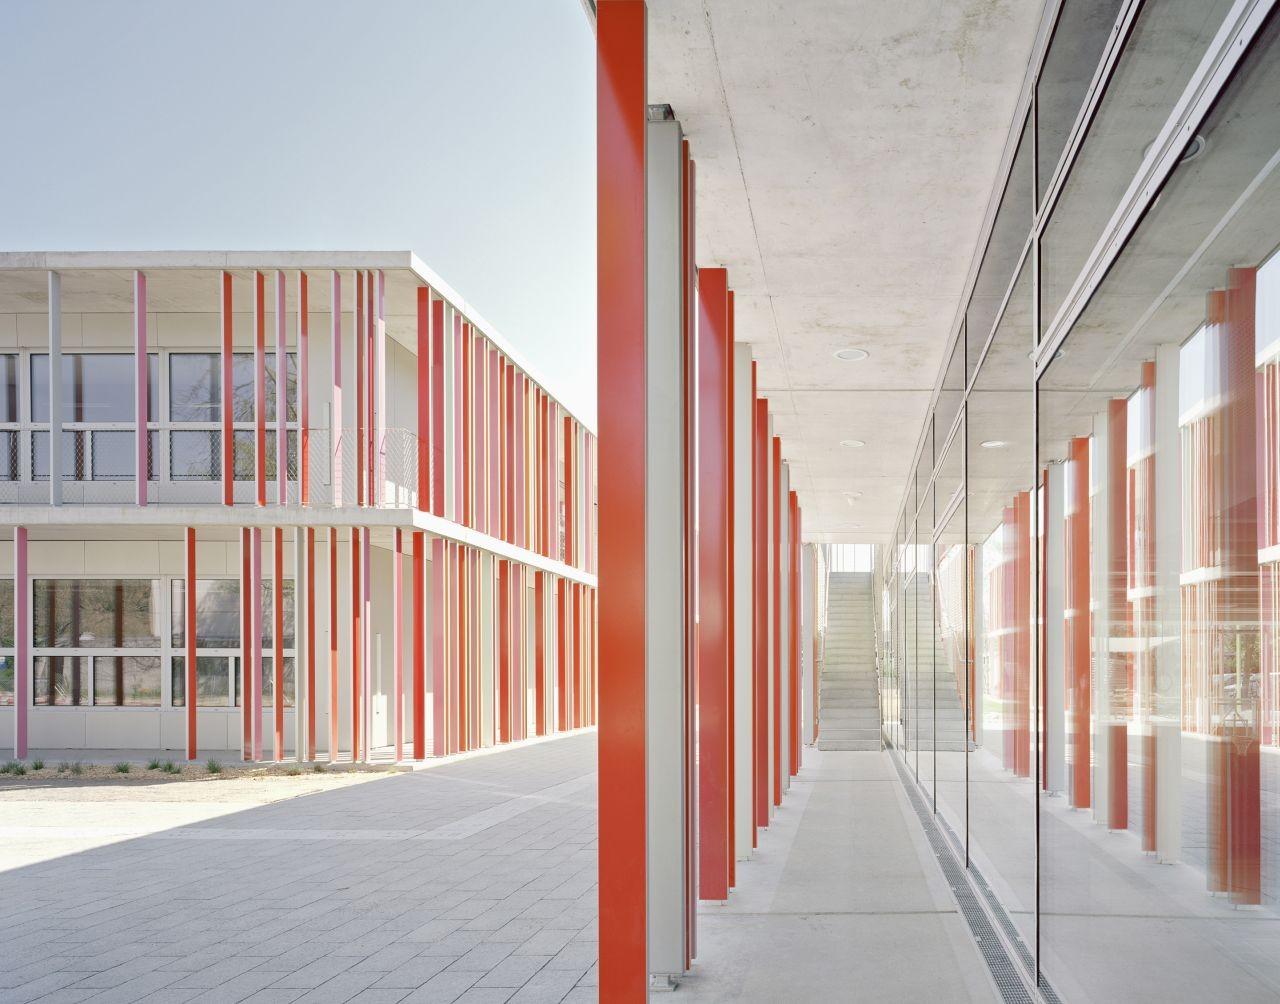 Architekten Karlsruhe gallery of primary in karlsruhe wulf architekten 2